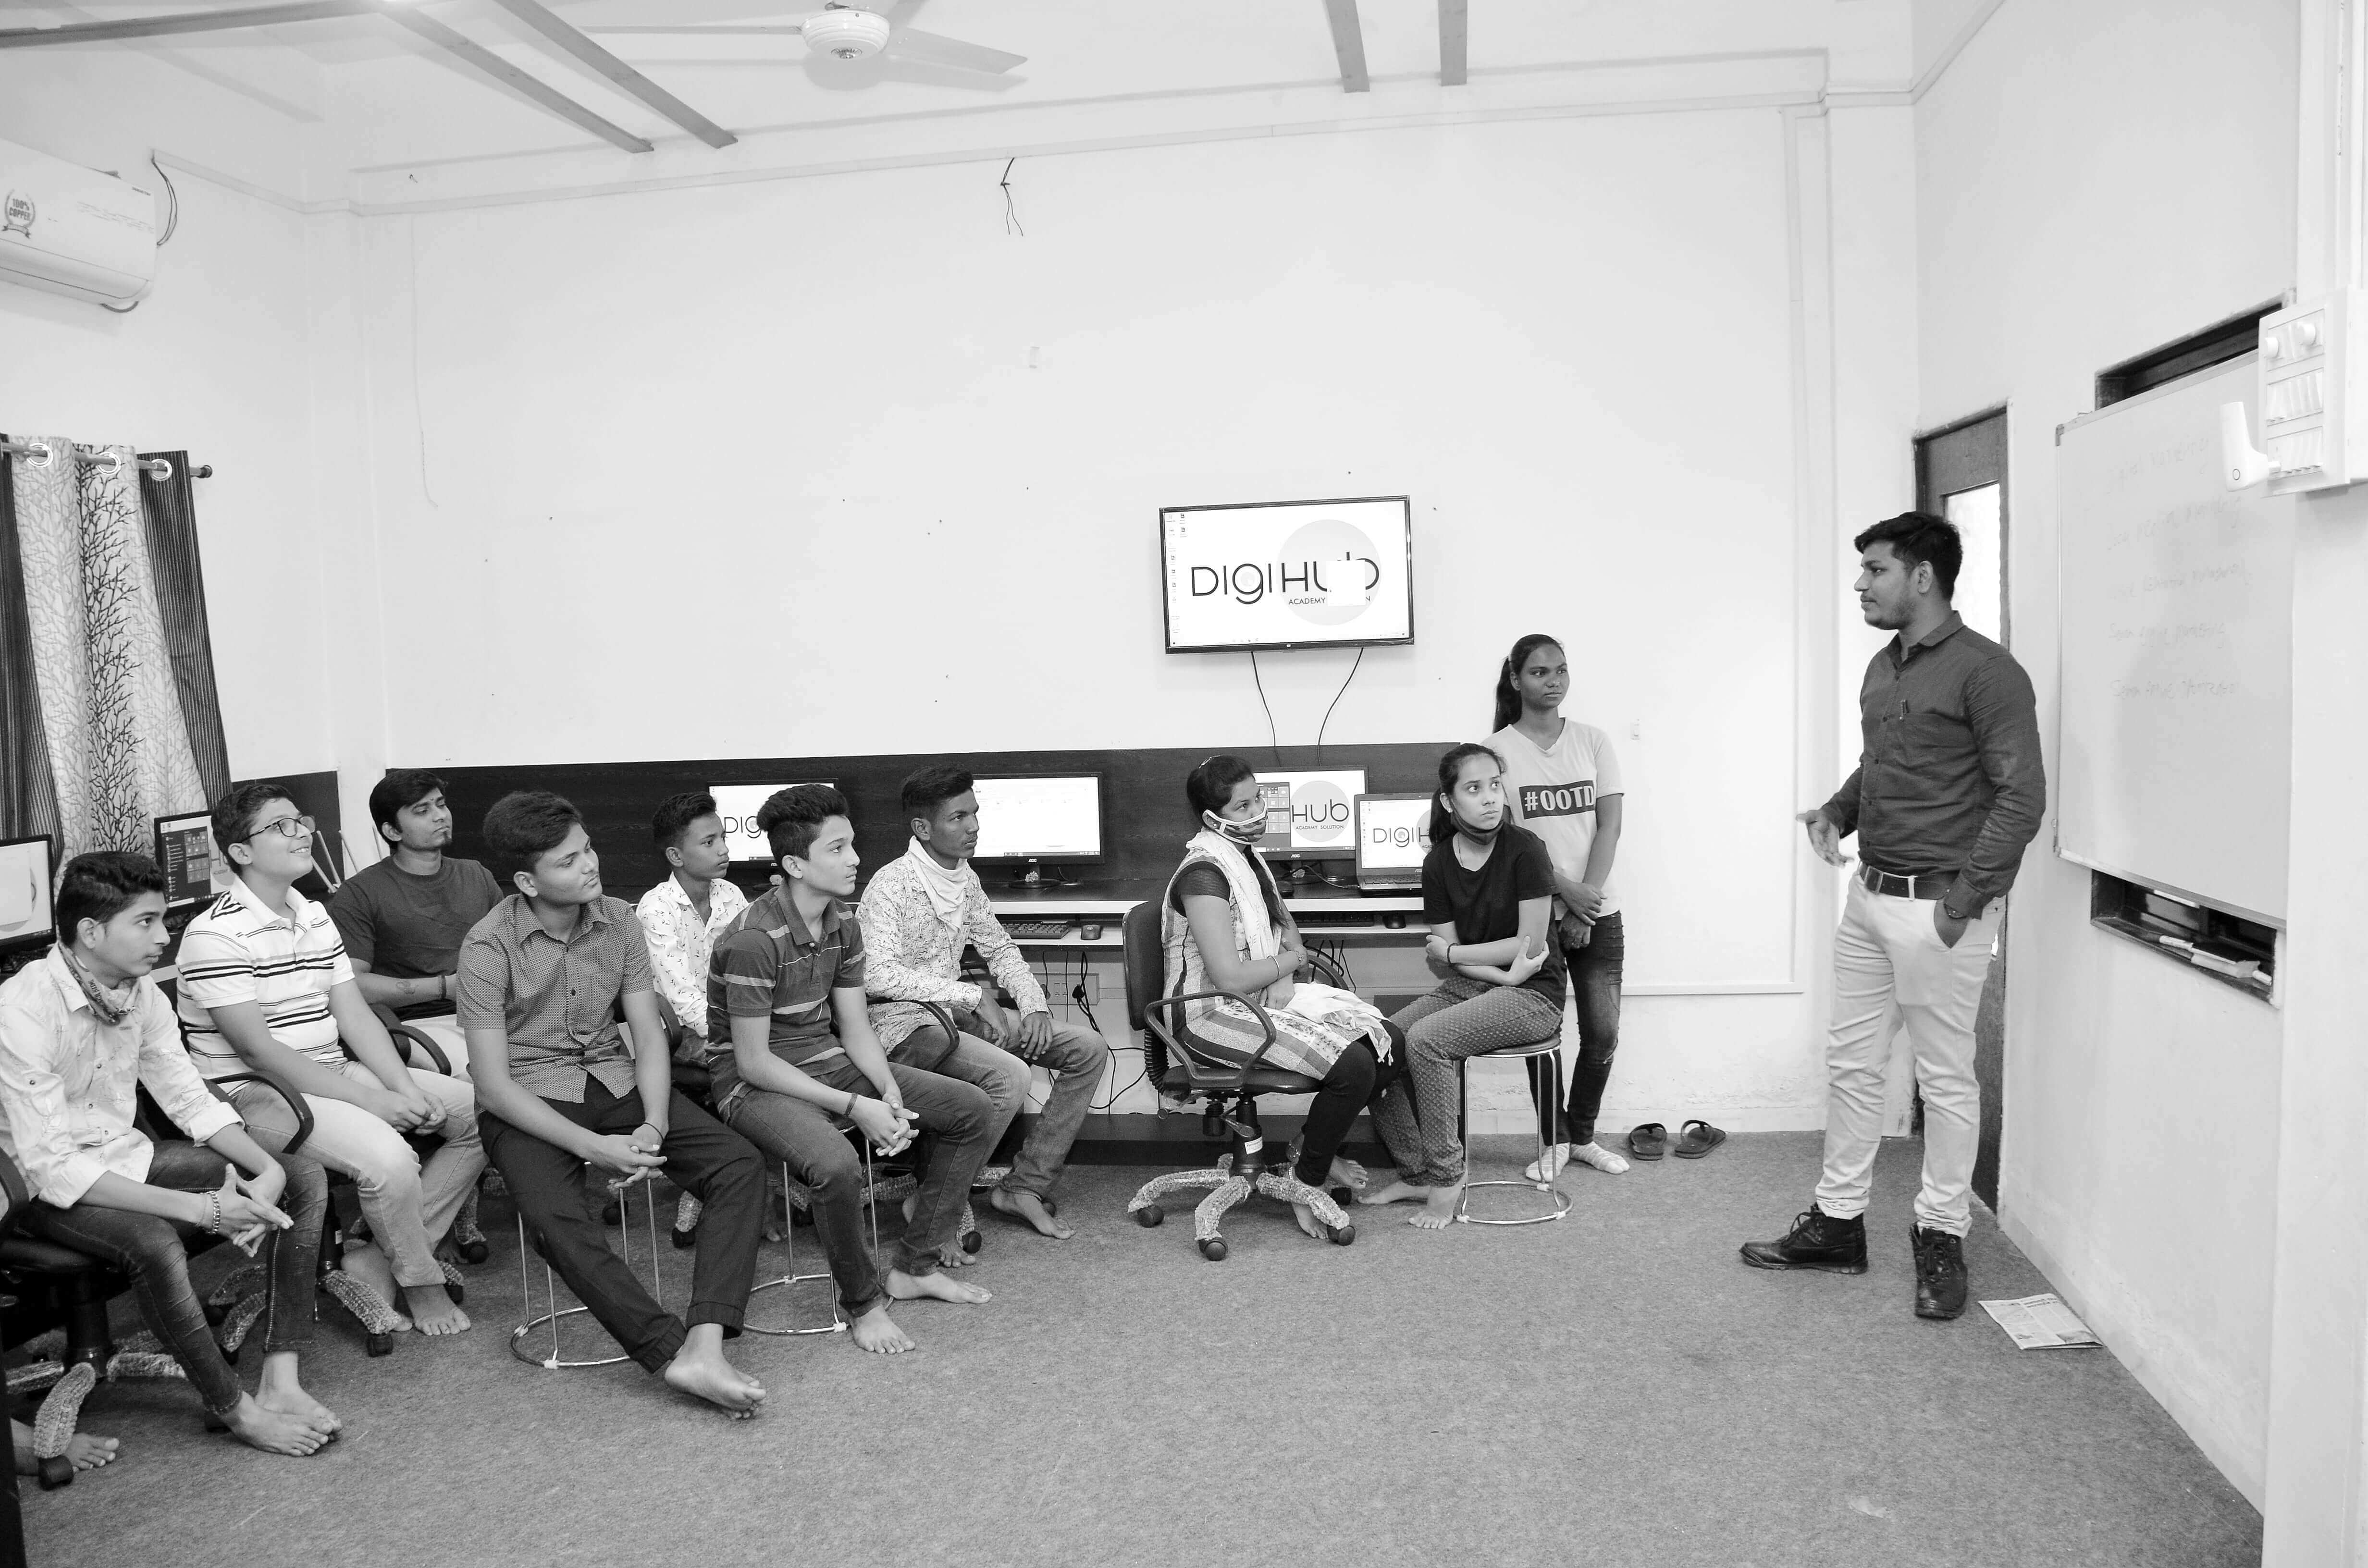 NextgenDigiHub Academy Dhule